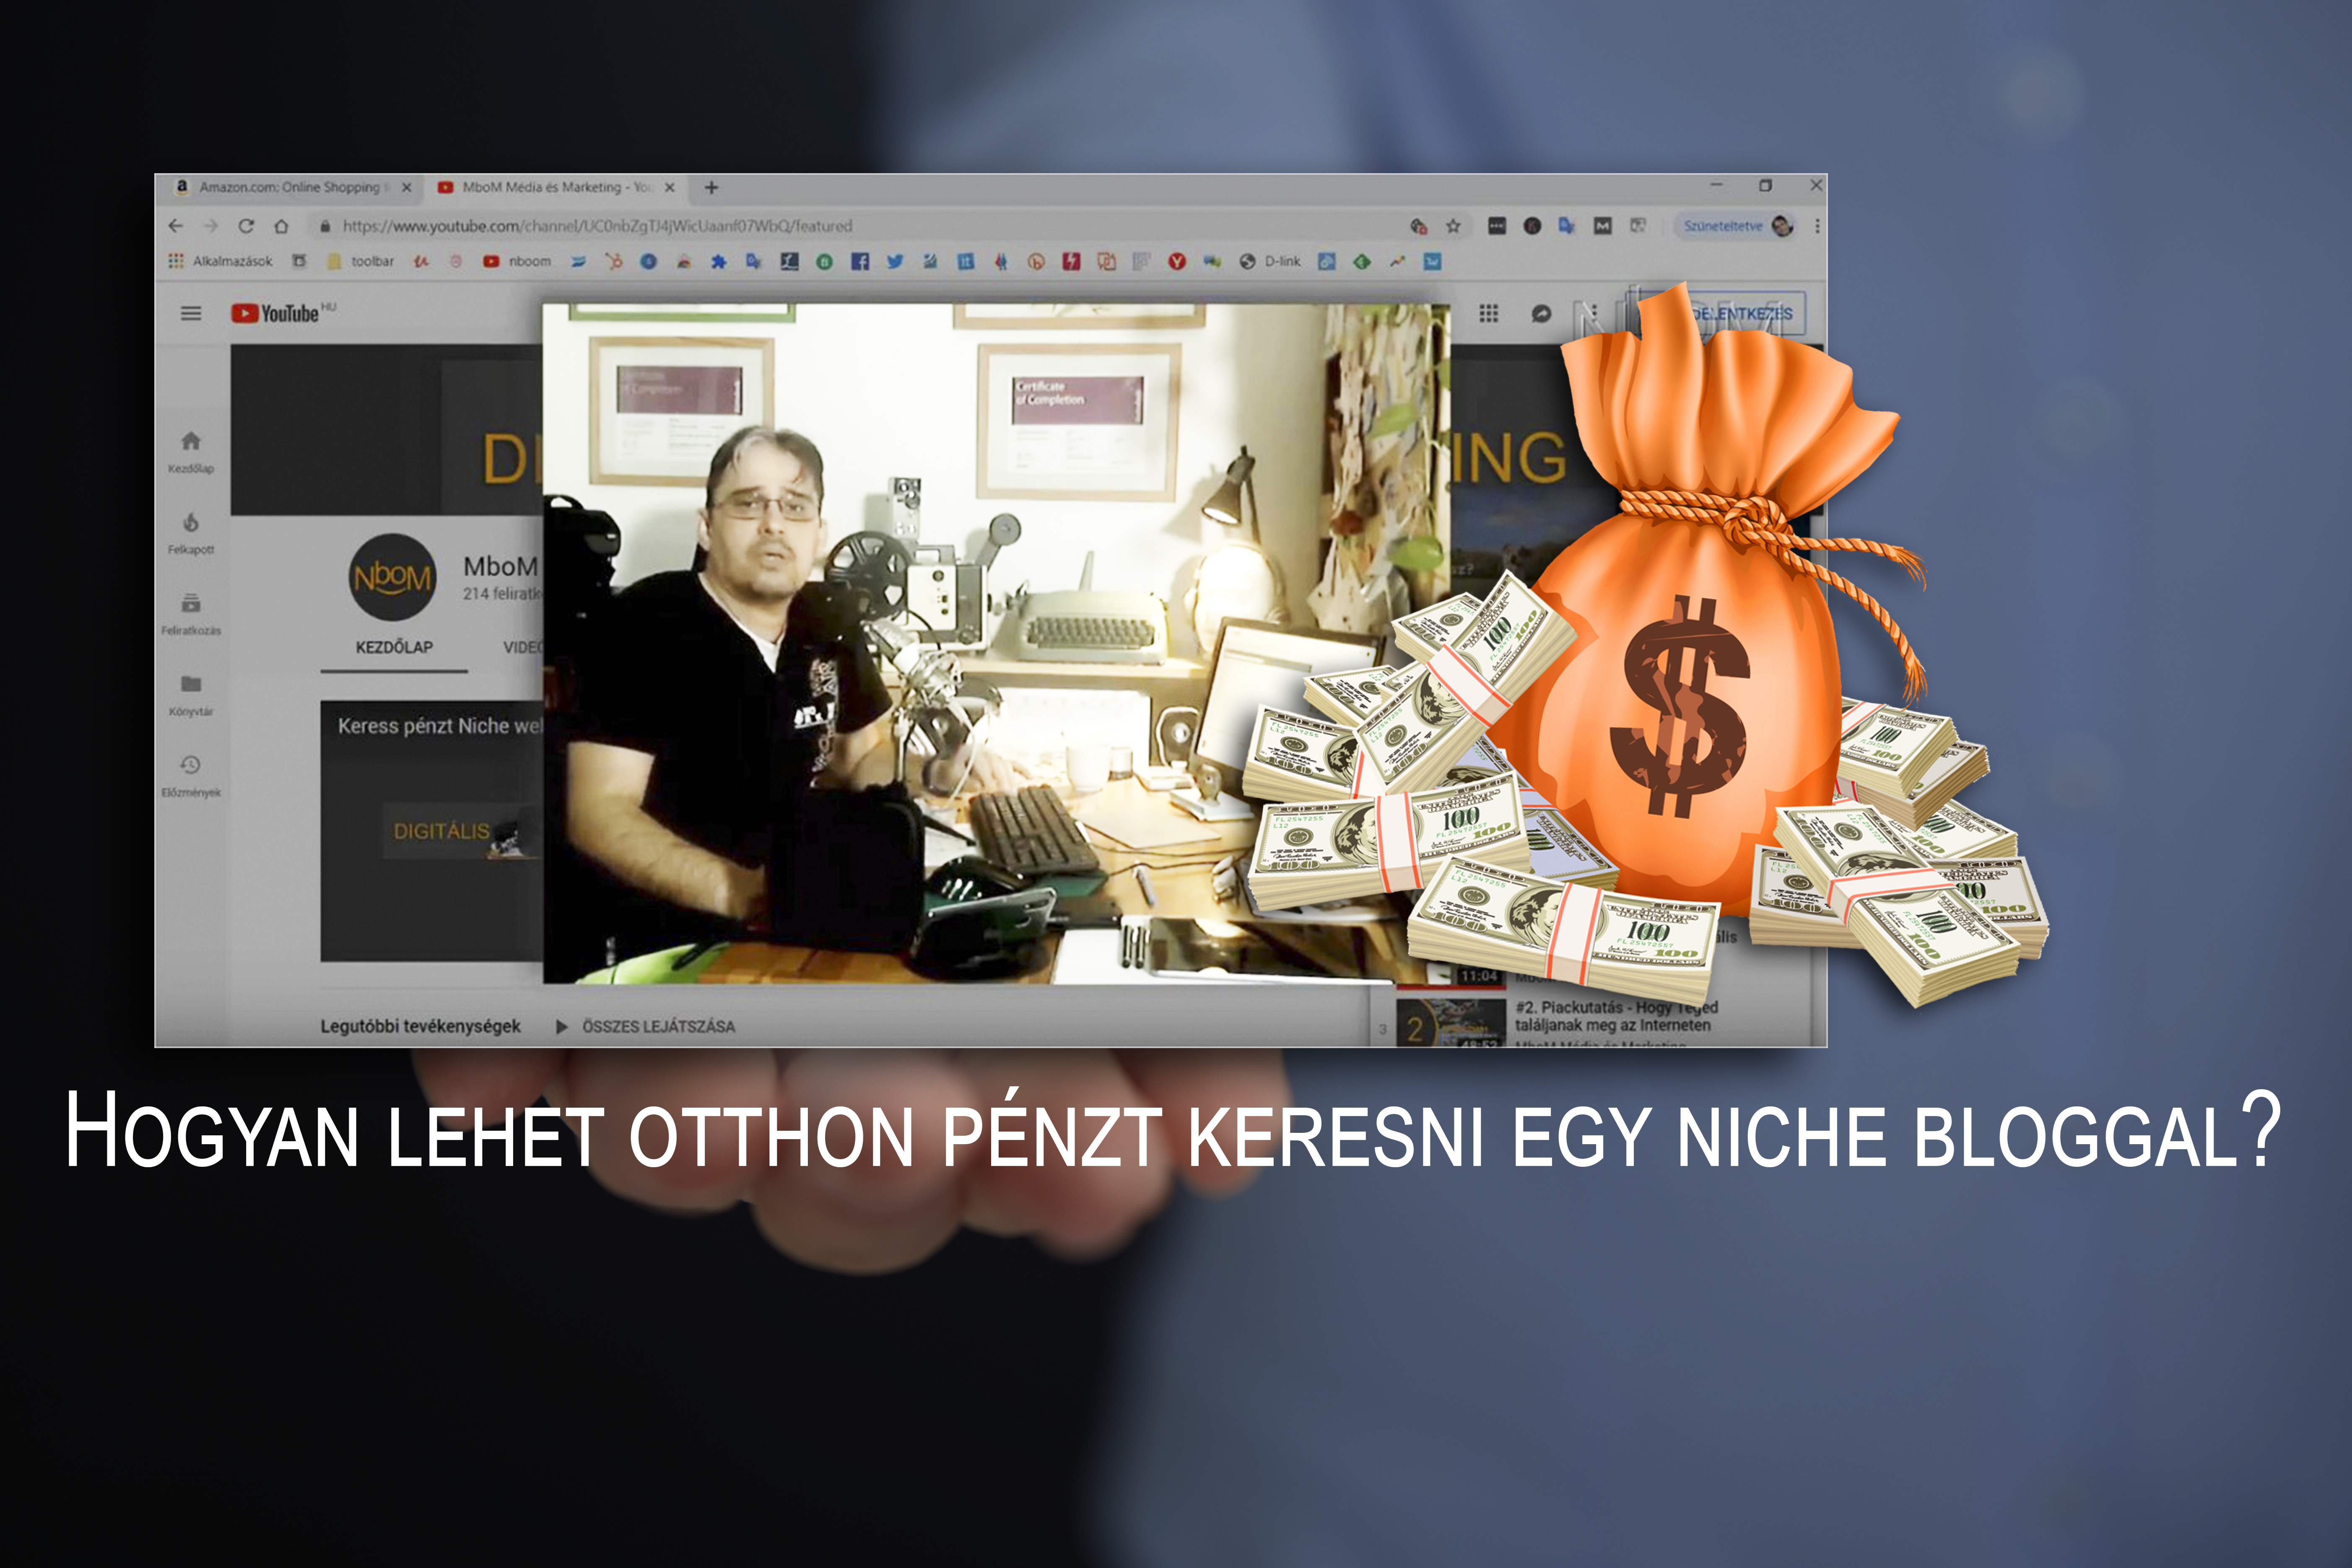 Nem tudom, hogyan lehet otthon pénzt keresni)